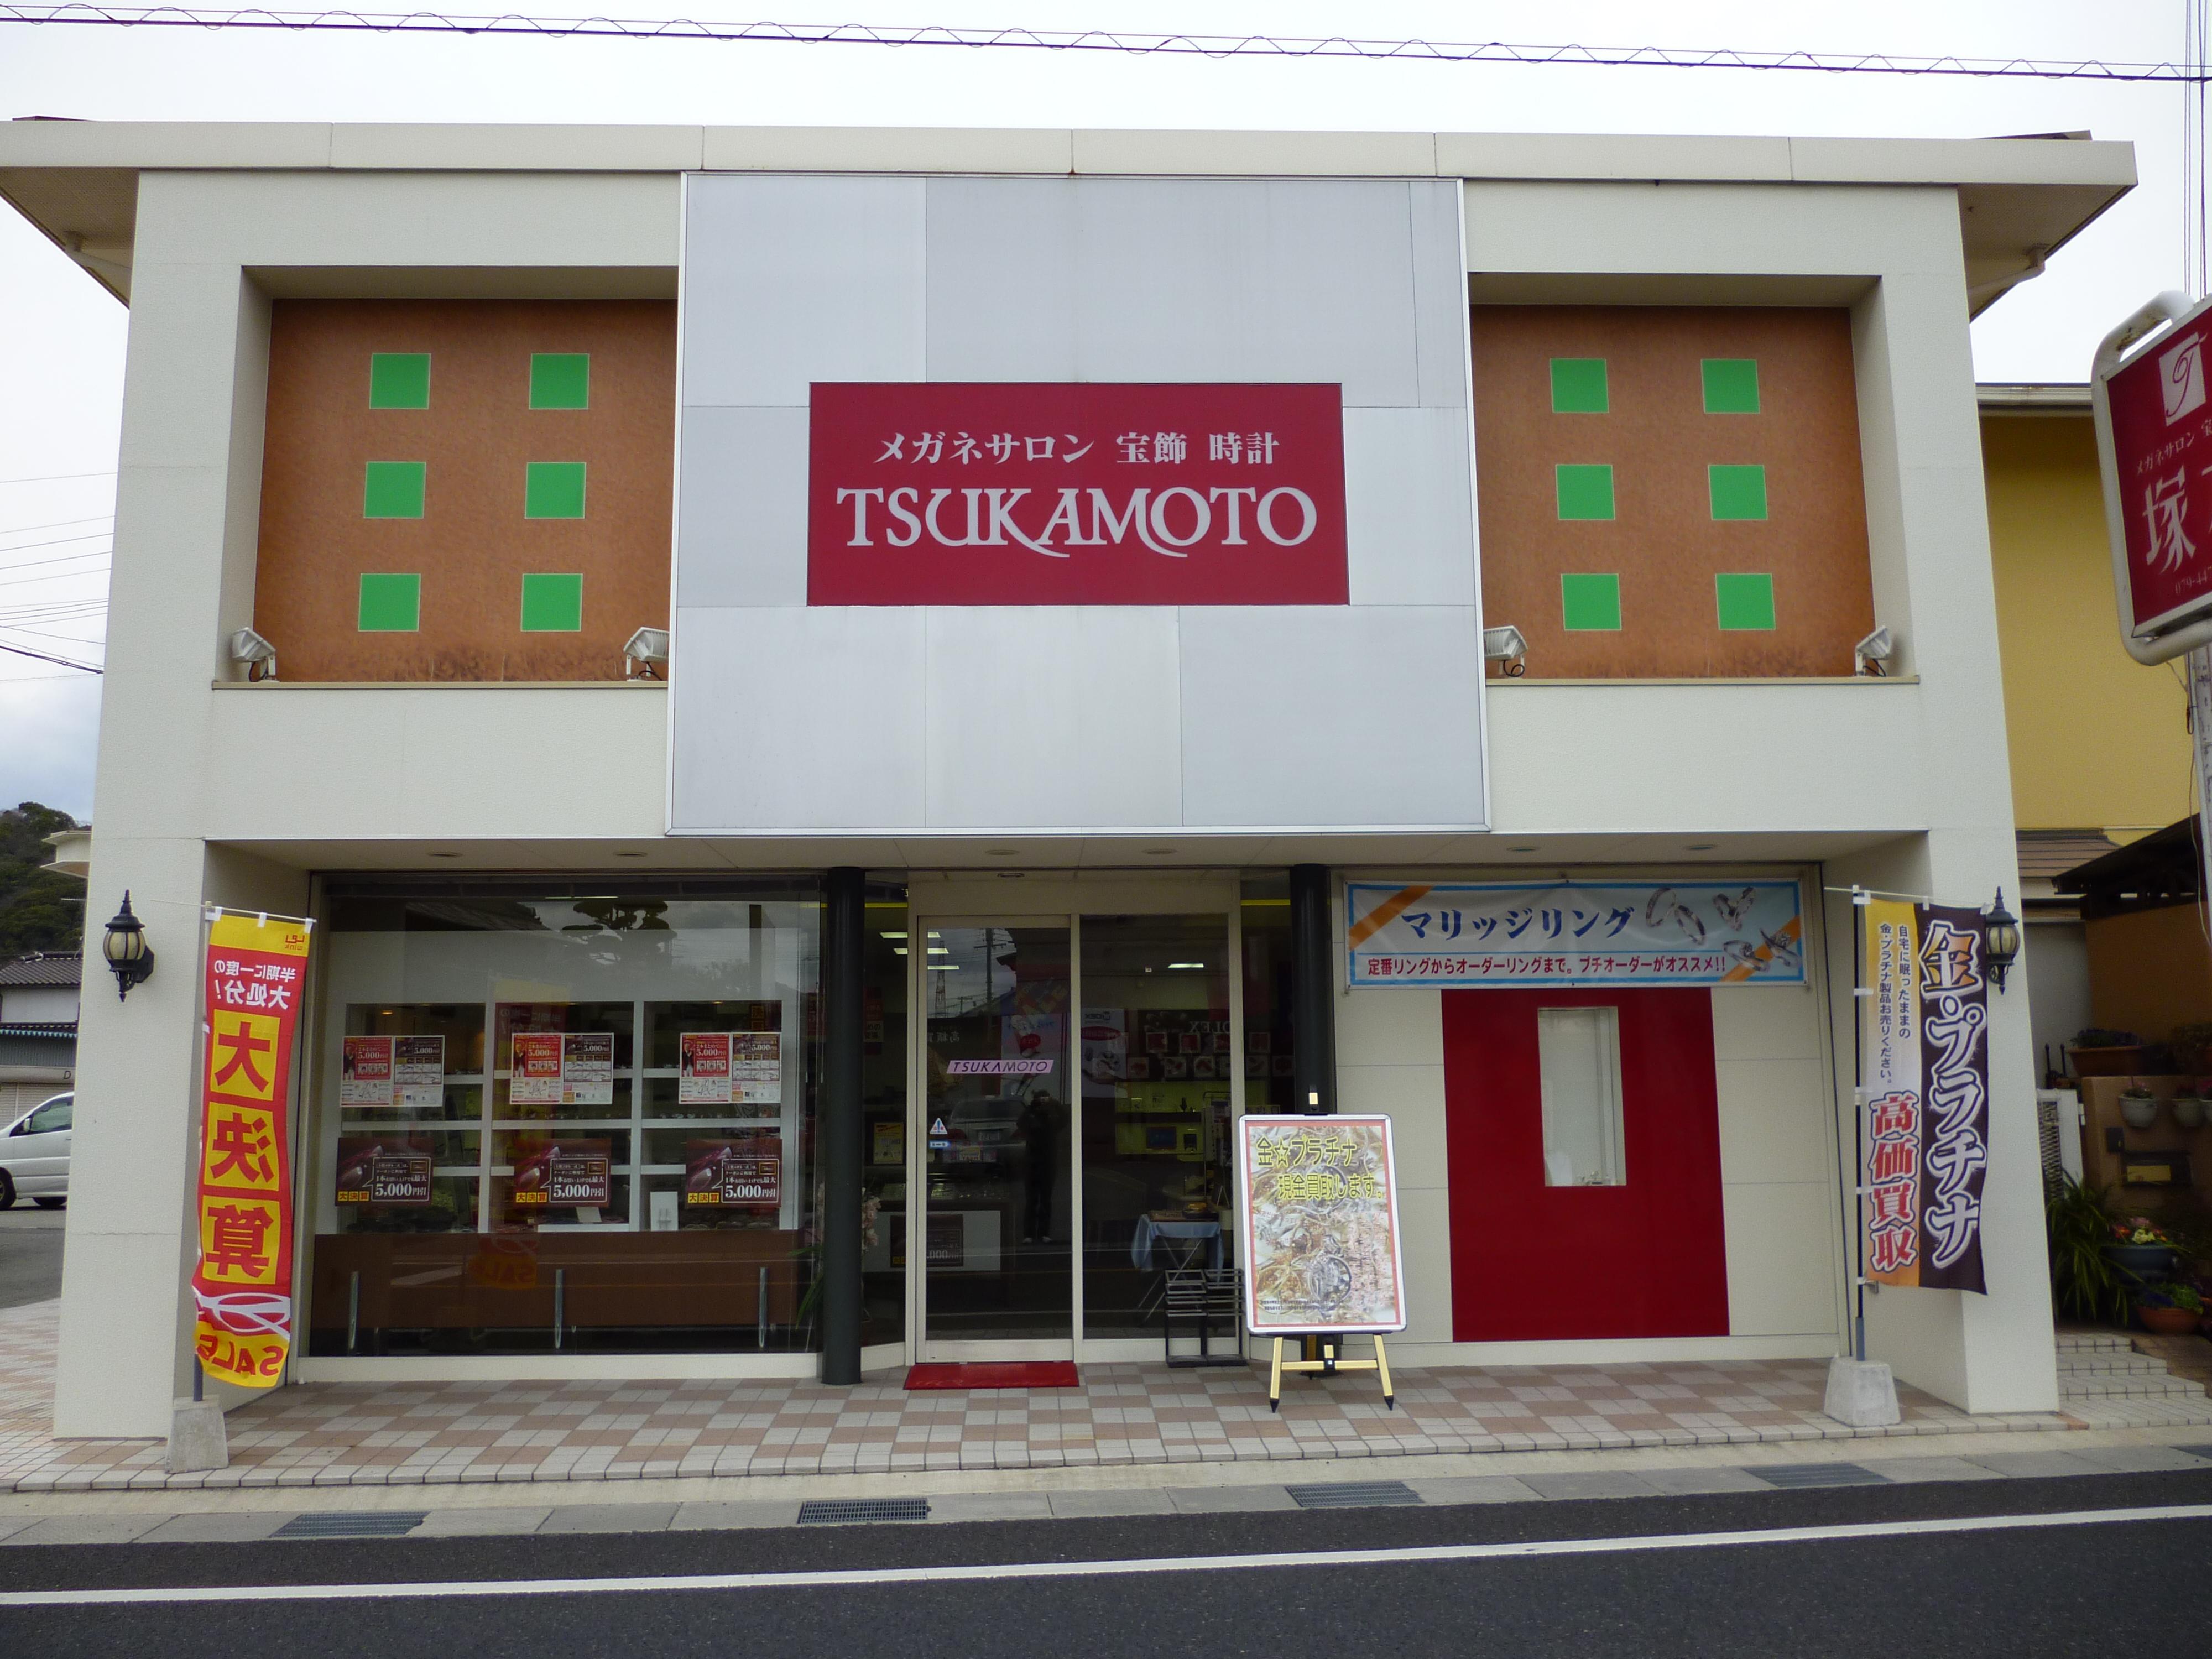 塚本時計店(高砂市)